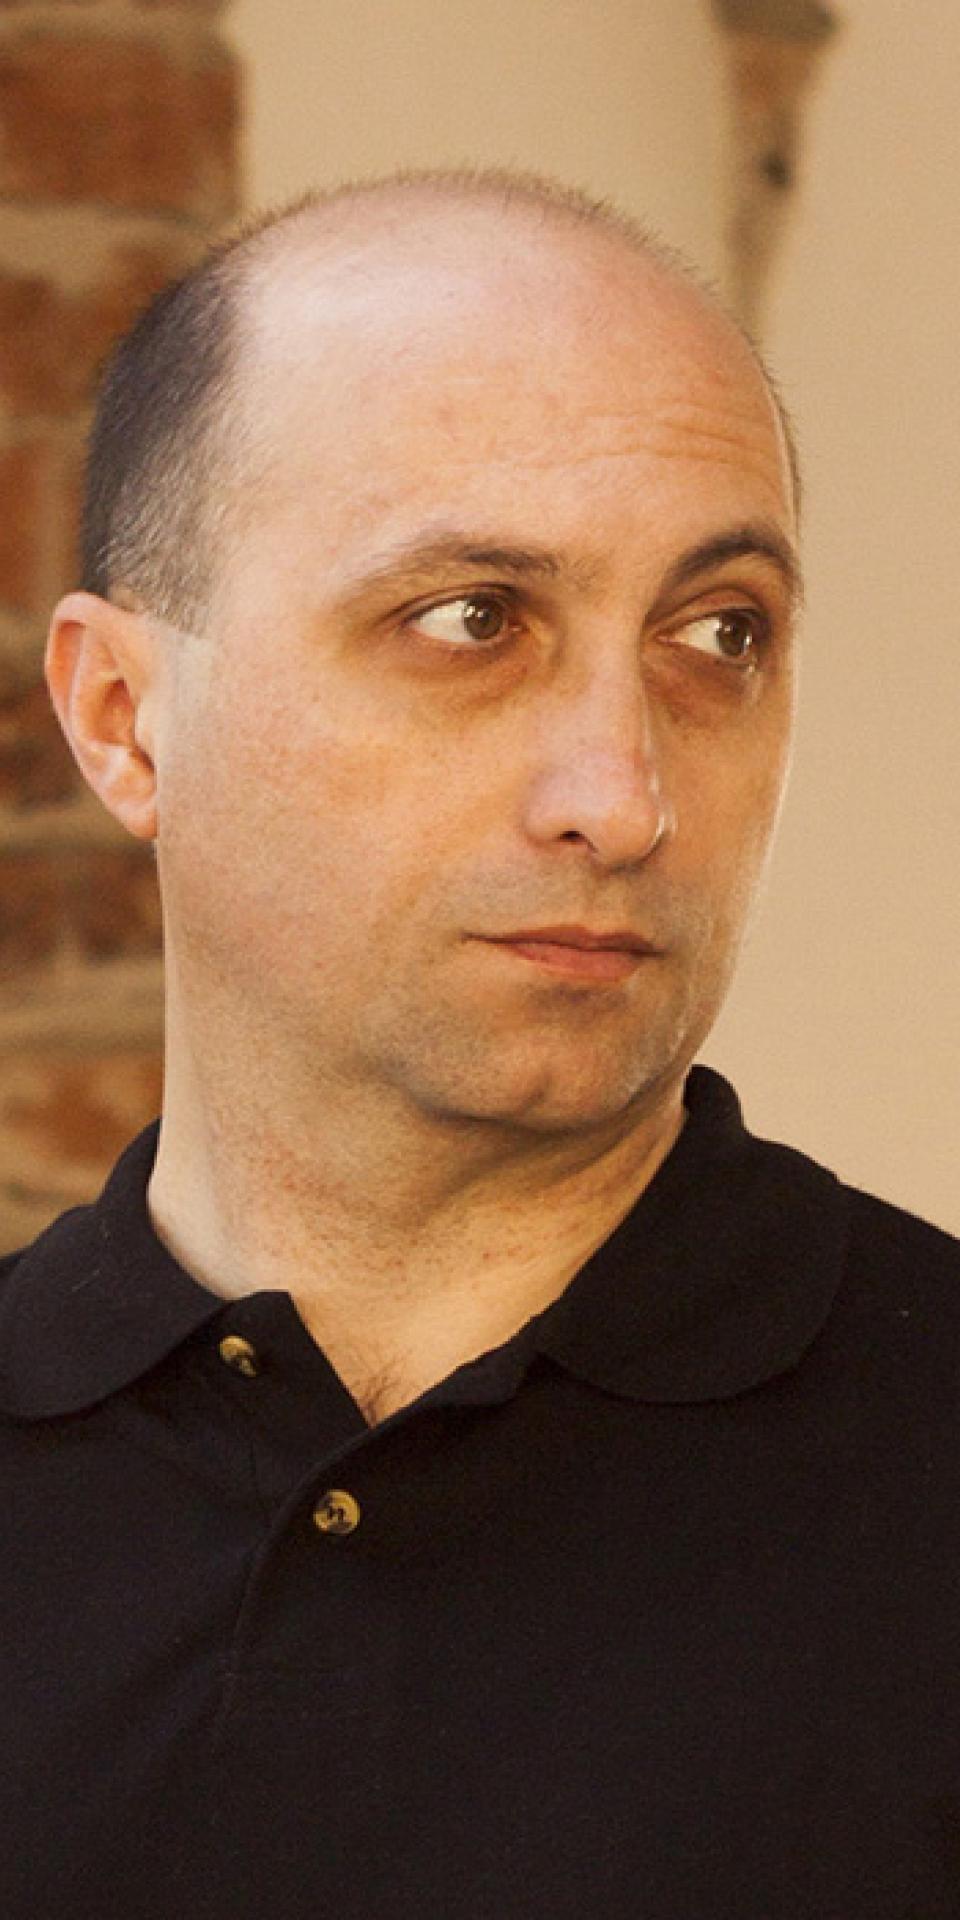 Daniel Haiduc